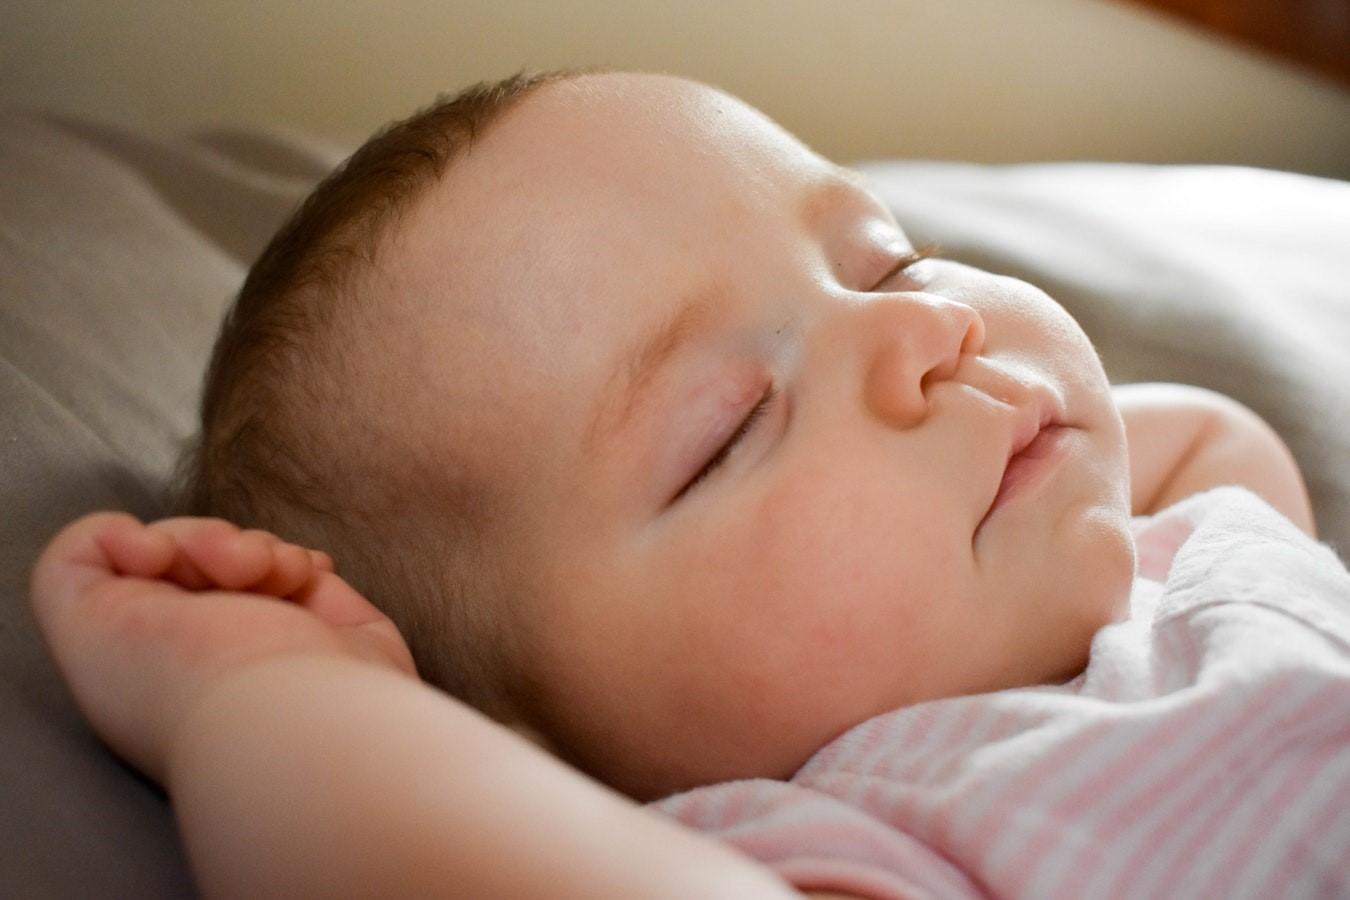 国内でNIPT(新型出生前診断)を受けた場合、調べられる染色体は3つだけ?より詳しい検査を行うには?